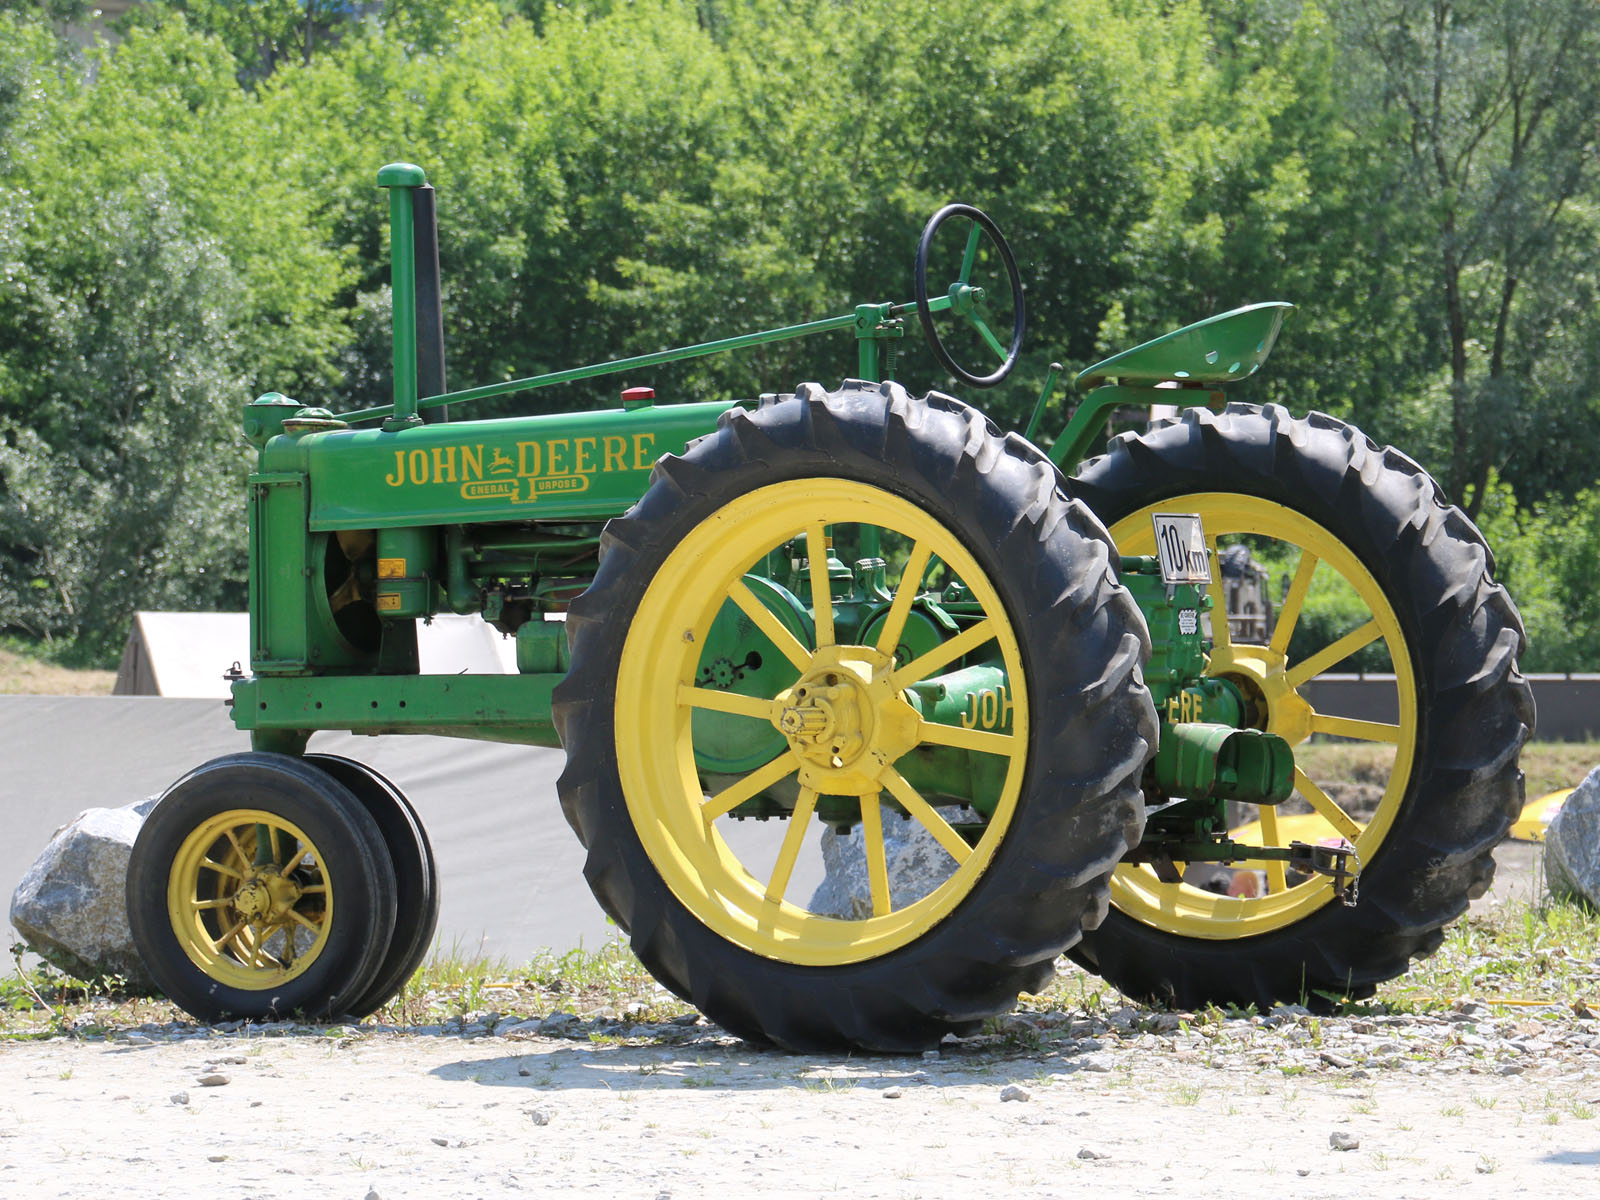 Ausstellung historischer Traktoren - John Deere © Doppeladler.com